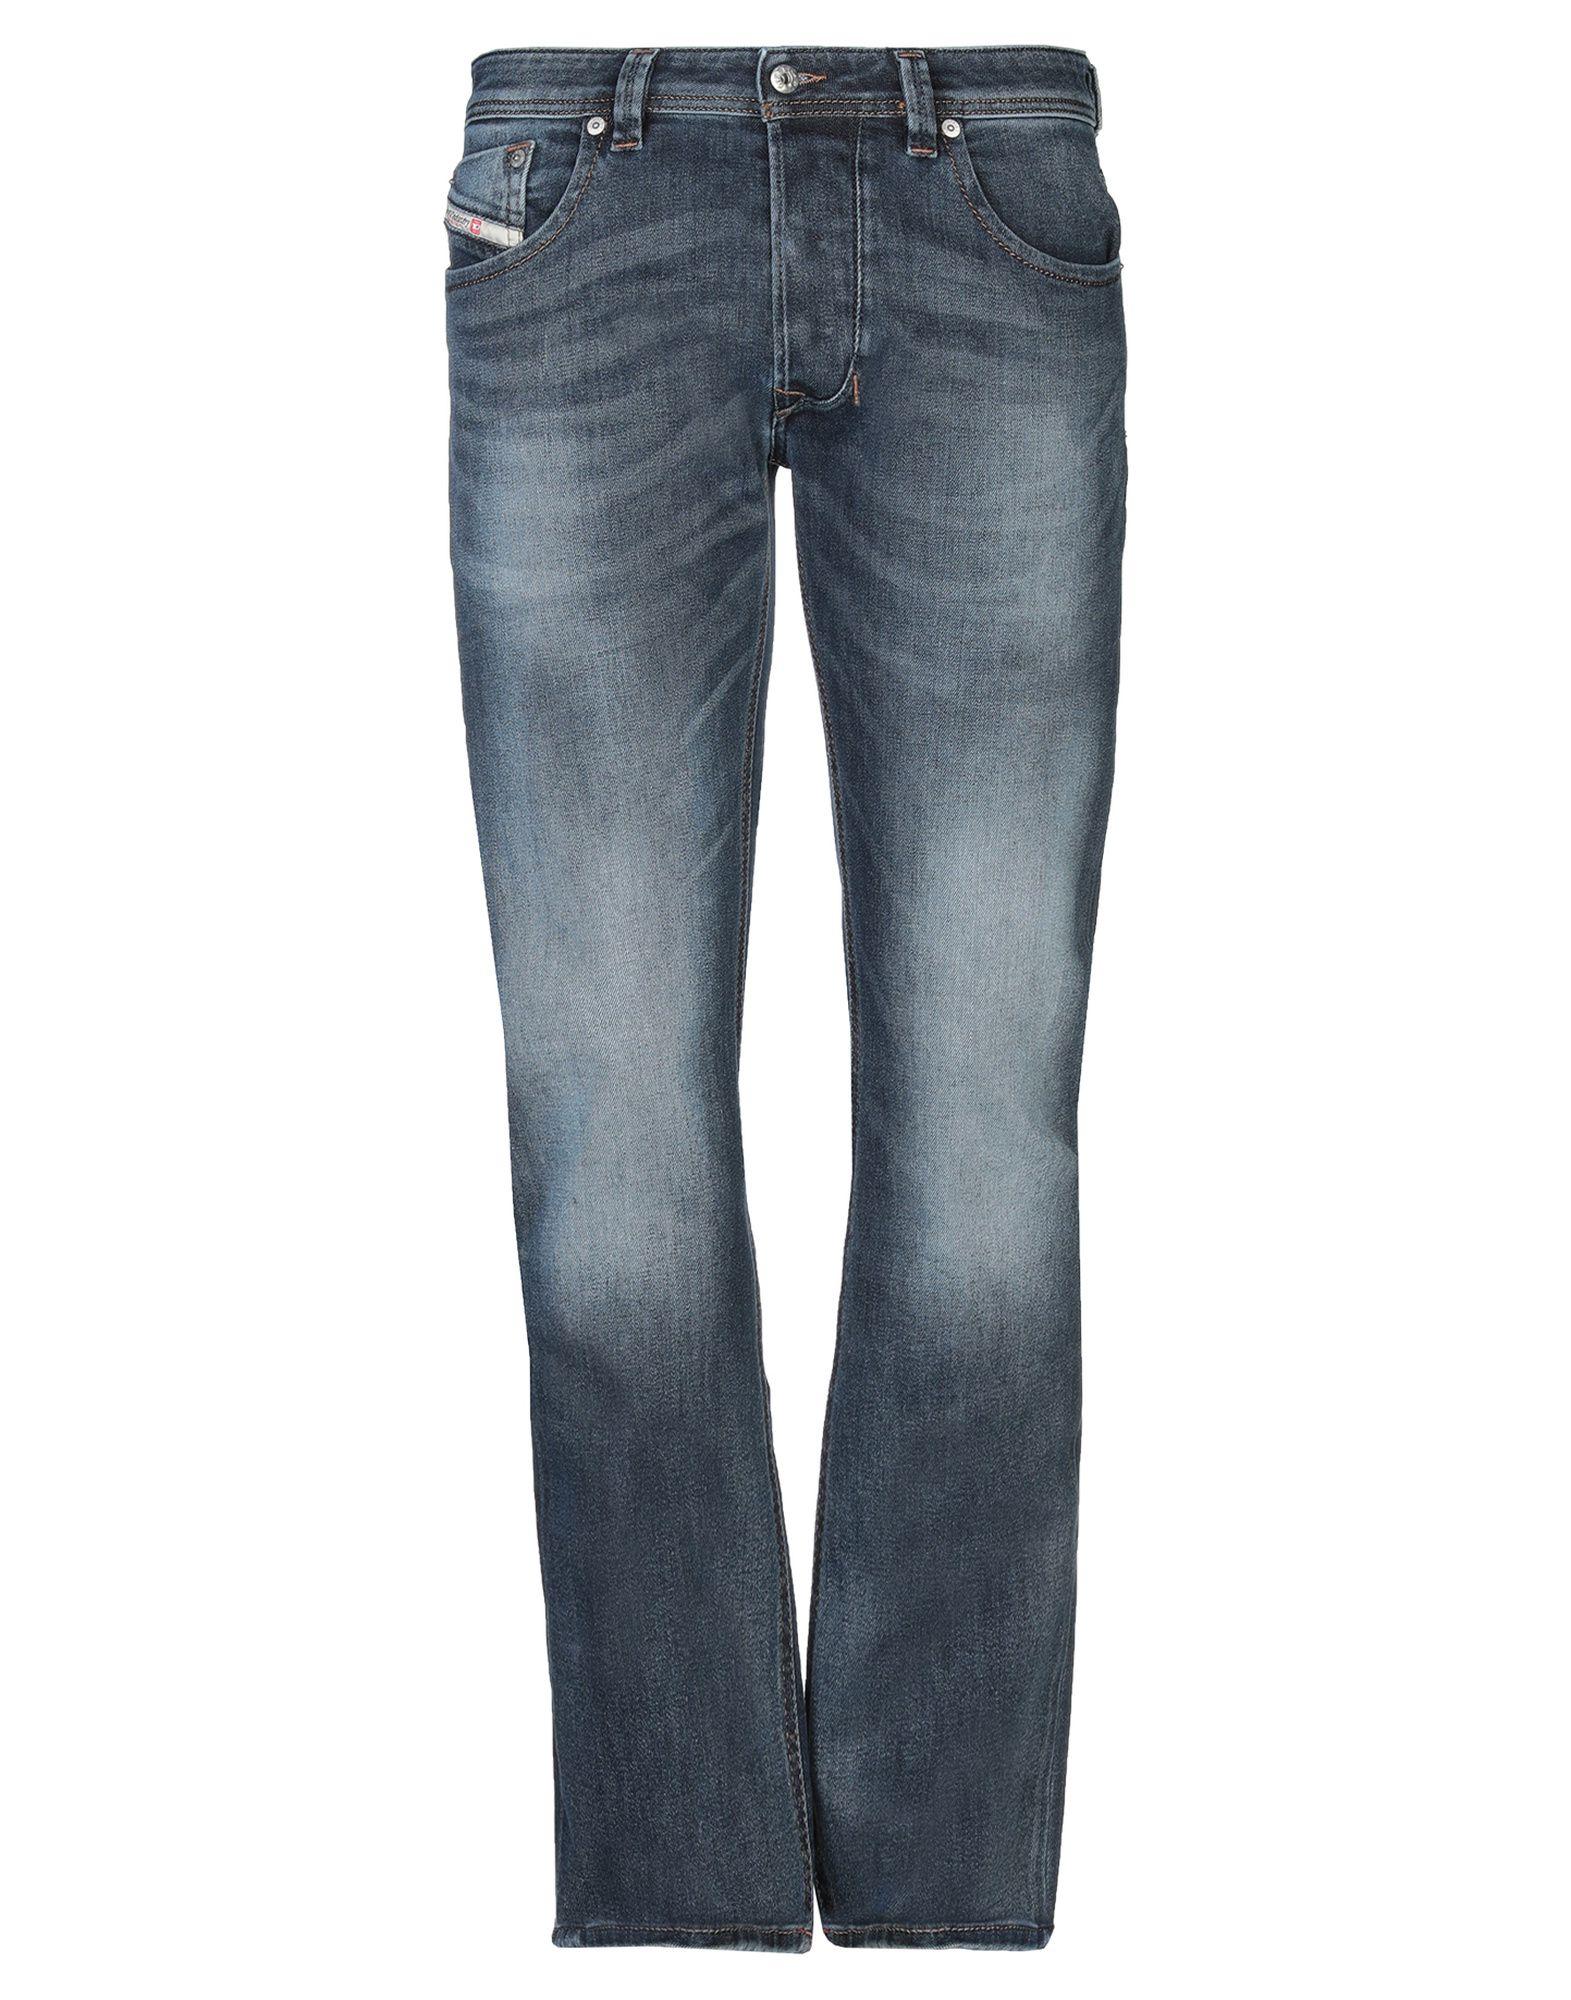 Pantaloni Jeans Diesel uomo - 42718763DO 42718763DO 42718763DO 408